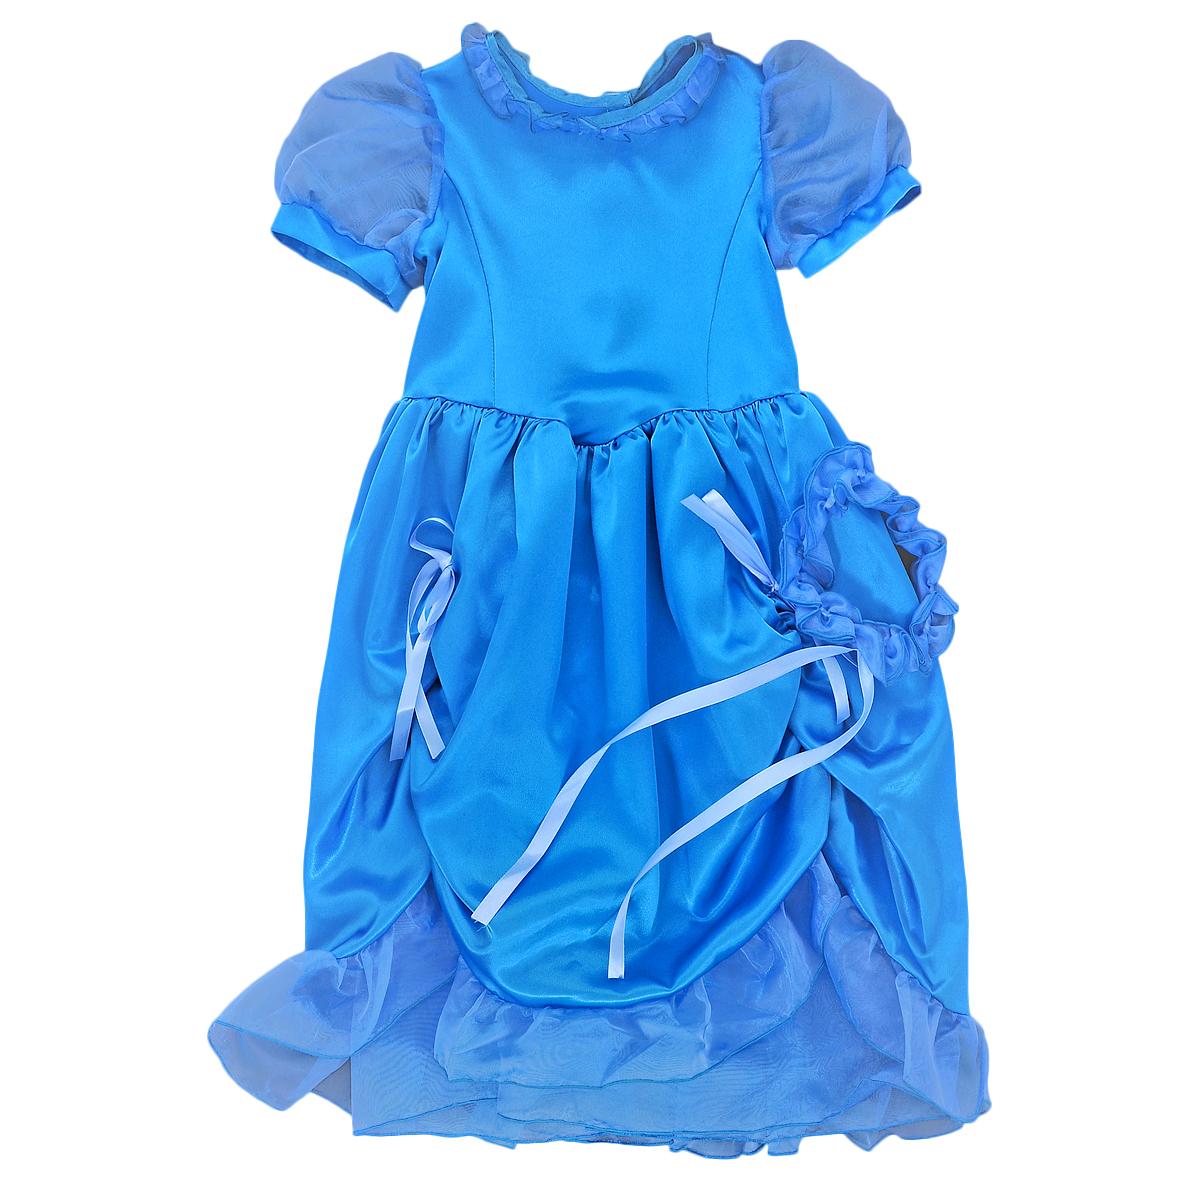 Карнавальный костюм для девочки Мальвина. 102 016102 016Яркий детский карнавальный костюм Мальвина позволит вашей малышке быть самой красивой девочкой на детском утреннике, бале-маскараде или карнавале. Костюм состоит из платья и повязки на голову. Шикарное платье с рукавами-фонарикам, выполненное из атласного материала, на спинке застегивается на липучки. Рукава изготовлены из легкой полупрозрачной органзы. Спереди юбка платья присборена на эластичные резинки и декорирована очаровательными атласными бантиками, а понизу оформлена широким воланом. Дополнит образ прекрасной Мальвины эластичная повязка на голову, выполненная из органзы и декорированная тонкой атласной лентой-бантиком. Такой карнавальный костюм привлечет внимание друзей вашего ребенка и подчеркнет его индивидуальность. Веселое настроение и масса положительных эмоций будут обеспечены!